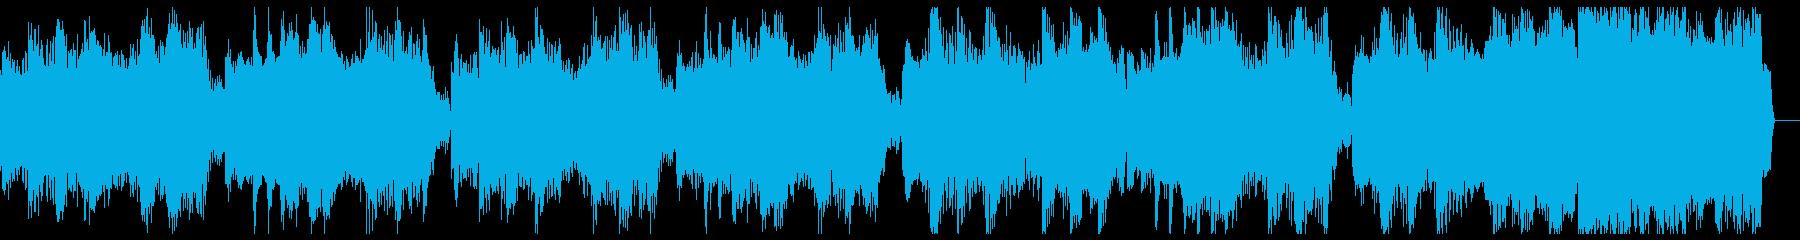 【ジングル】ロボっぽいダブステップの再生済みの波形